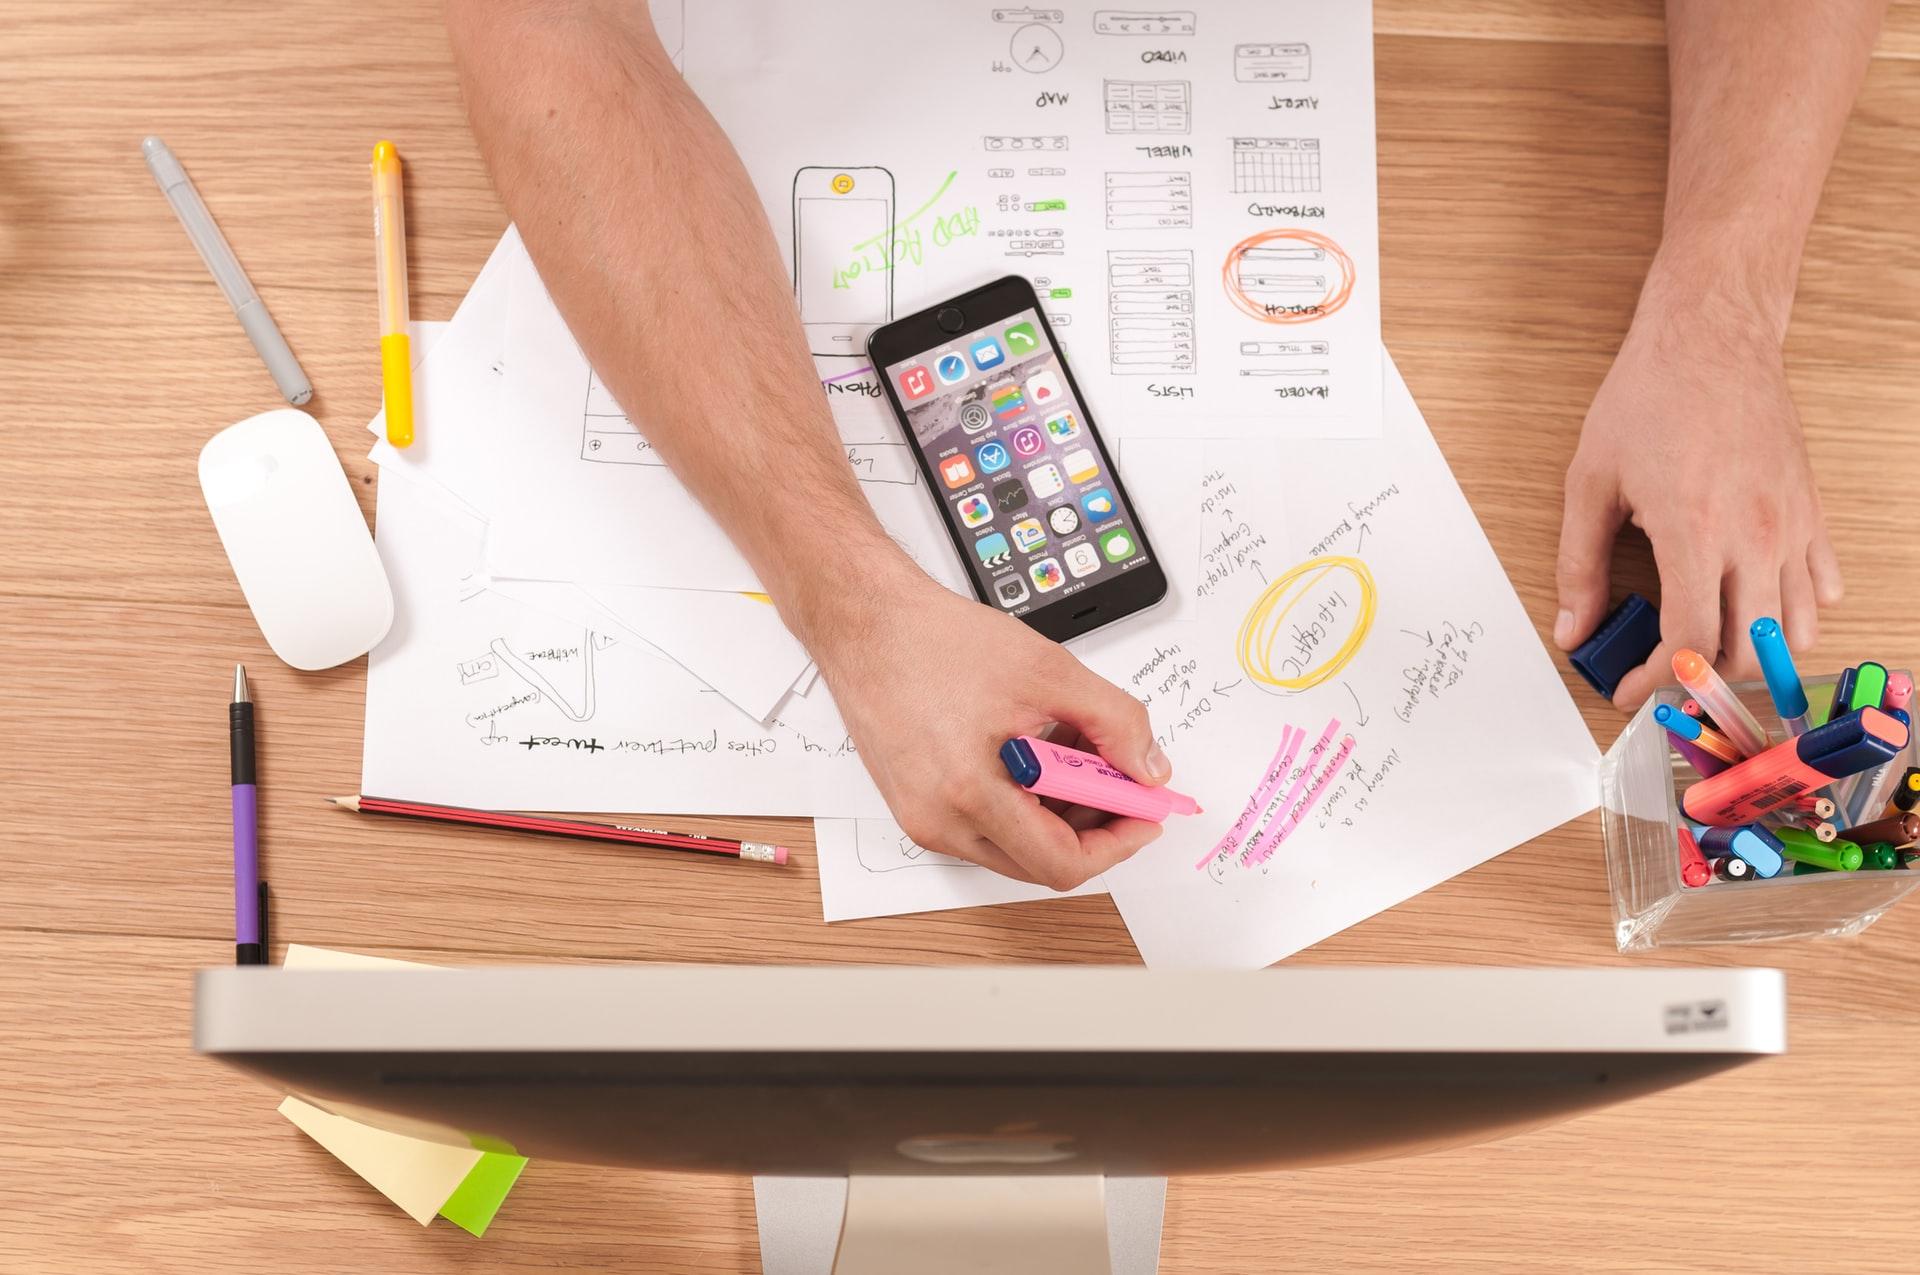 Plan de estudio: factores claves para tener éxito en su elaboración